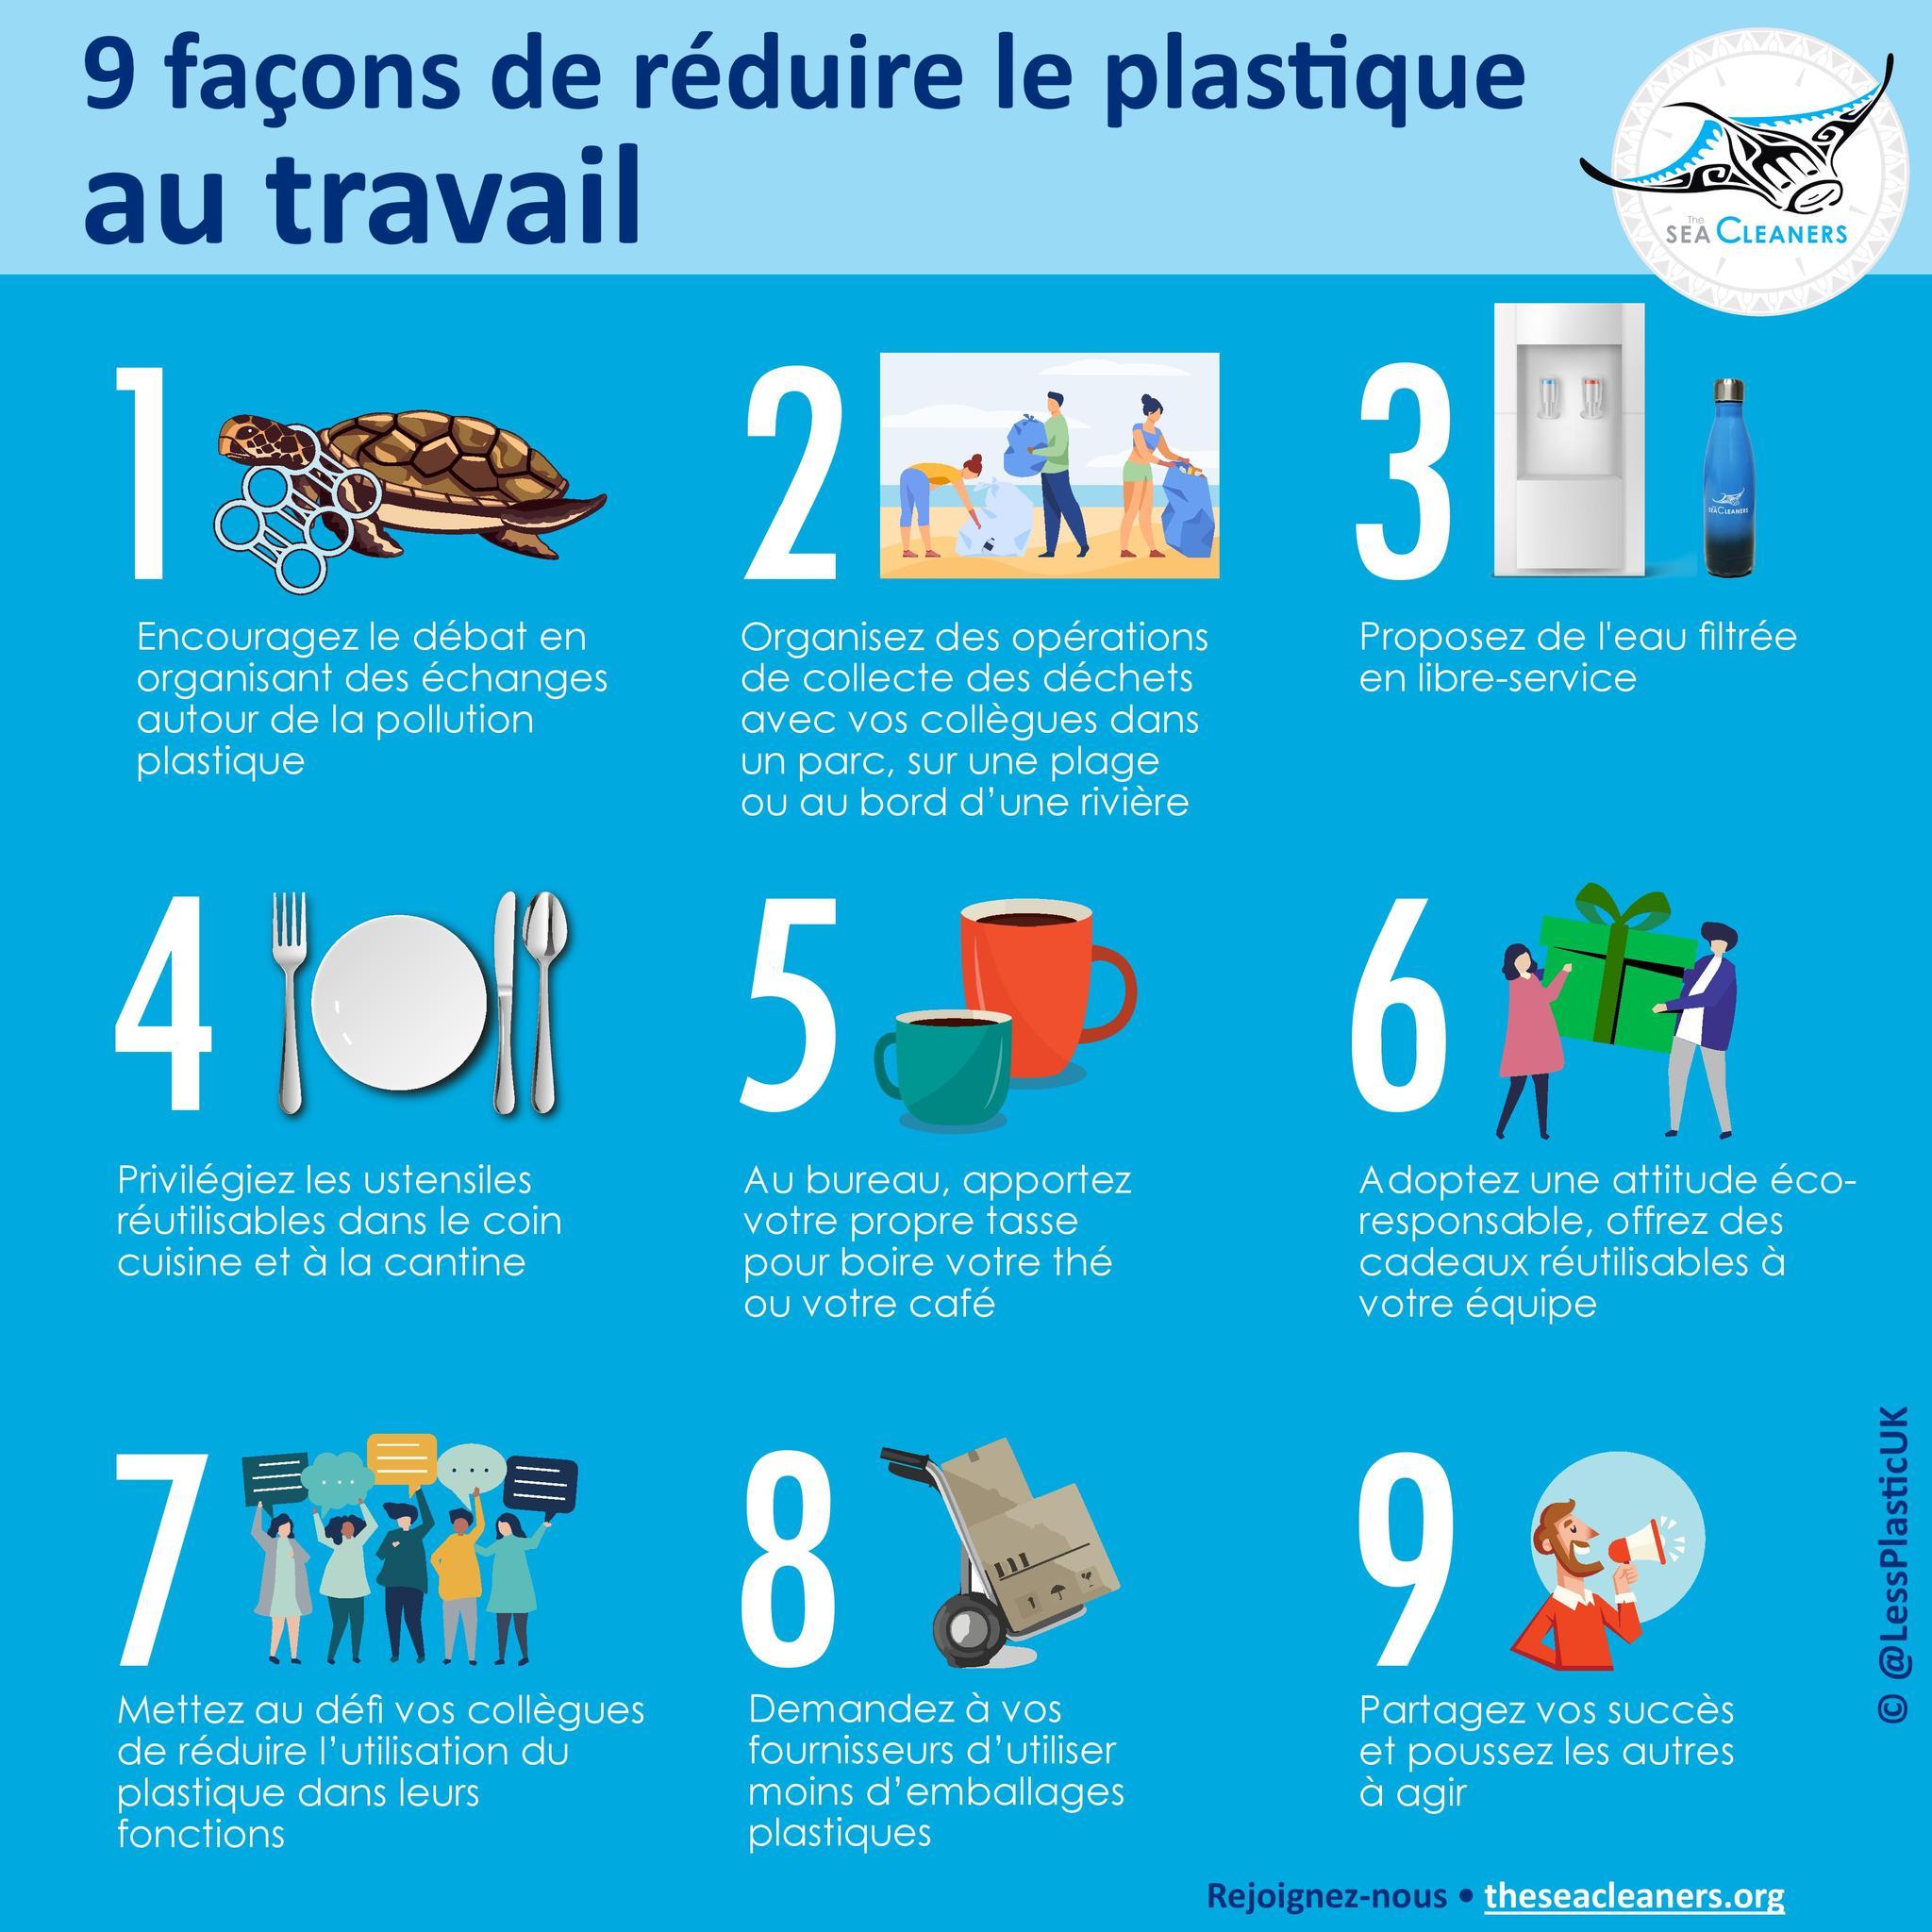 FR-reduire-le-plastique-au-travail_1_-page-001_2048x2048.jpg